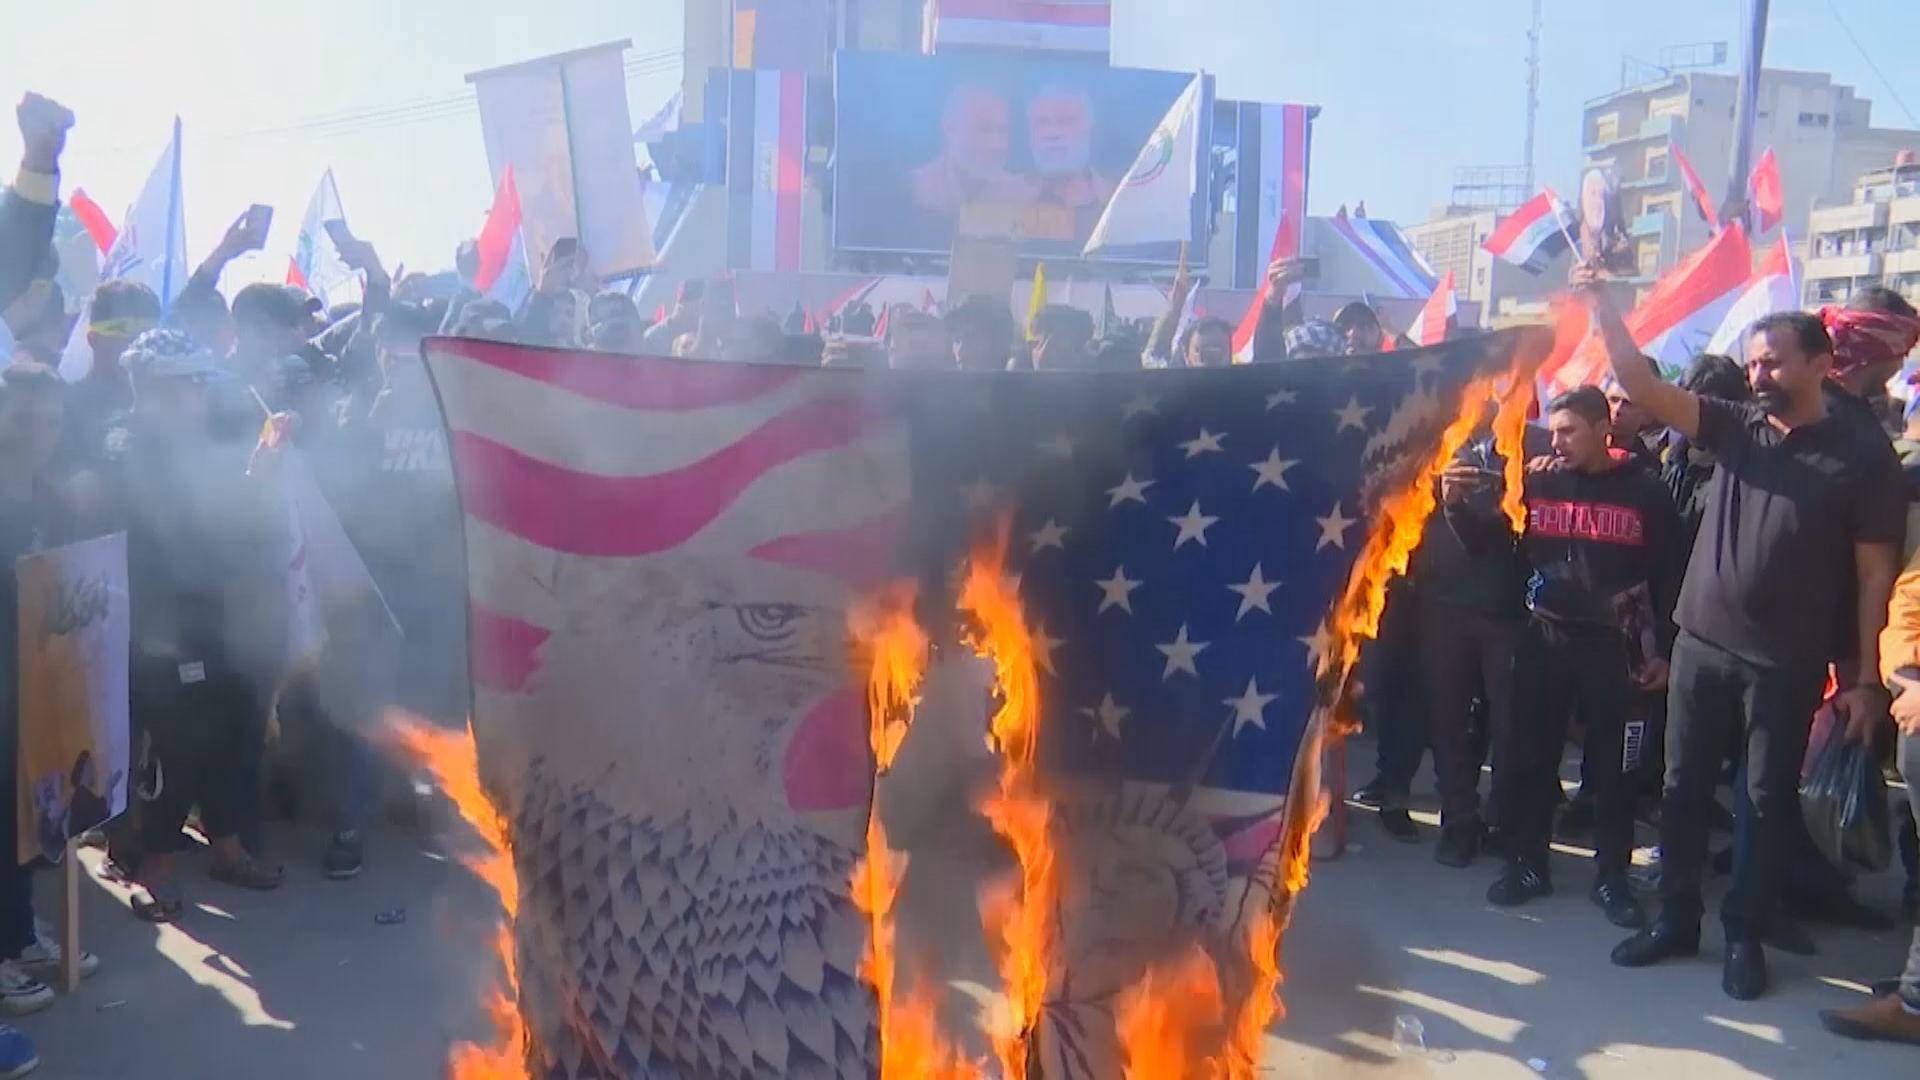 伊拉克民眾紀念索萊馬尼被殺一周年 伊朗重申將會報復